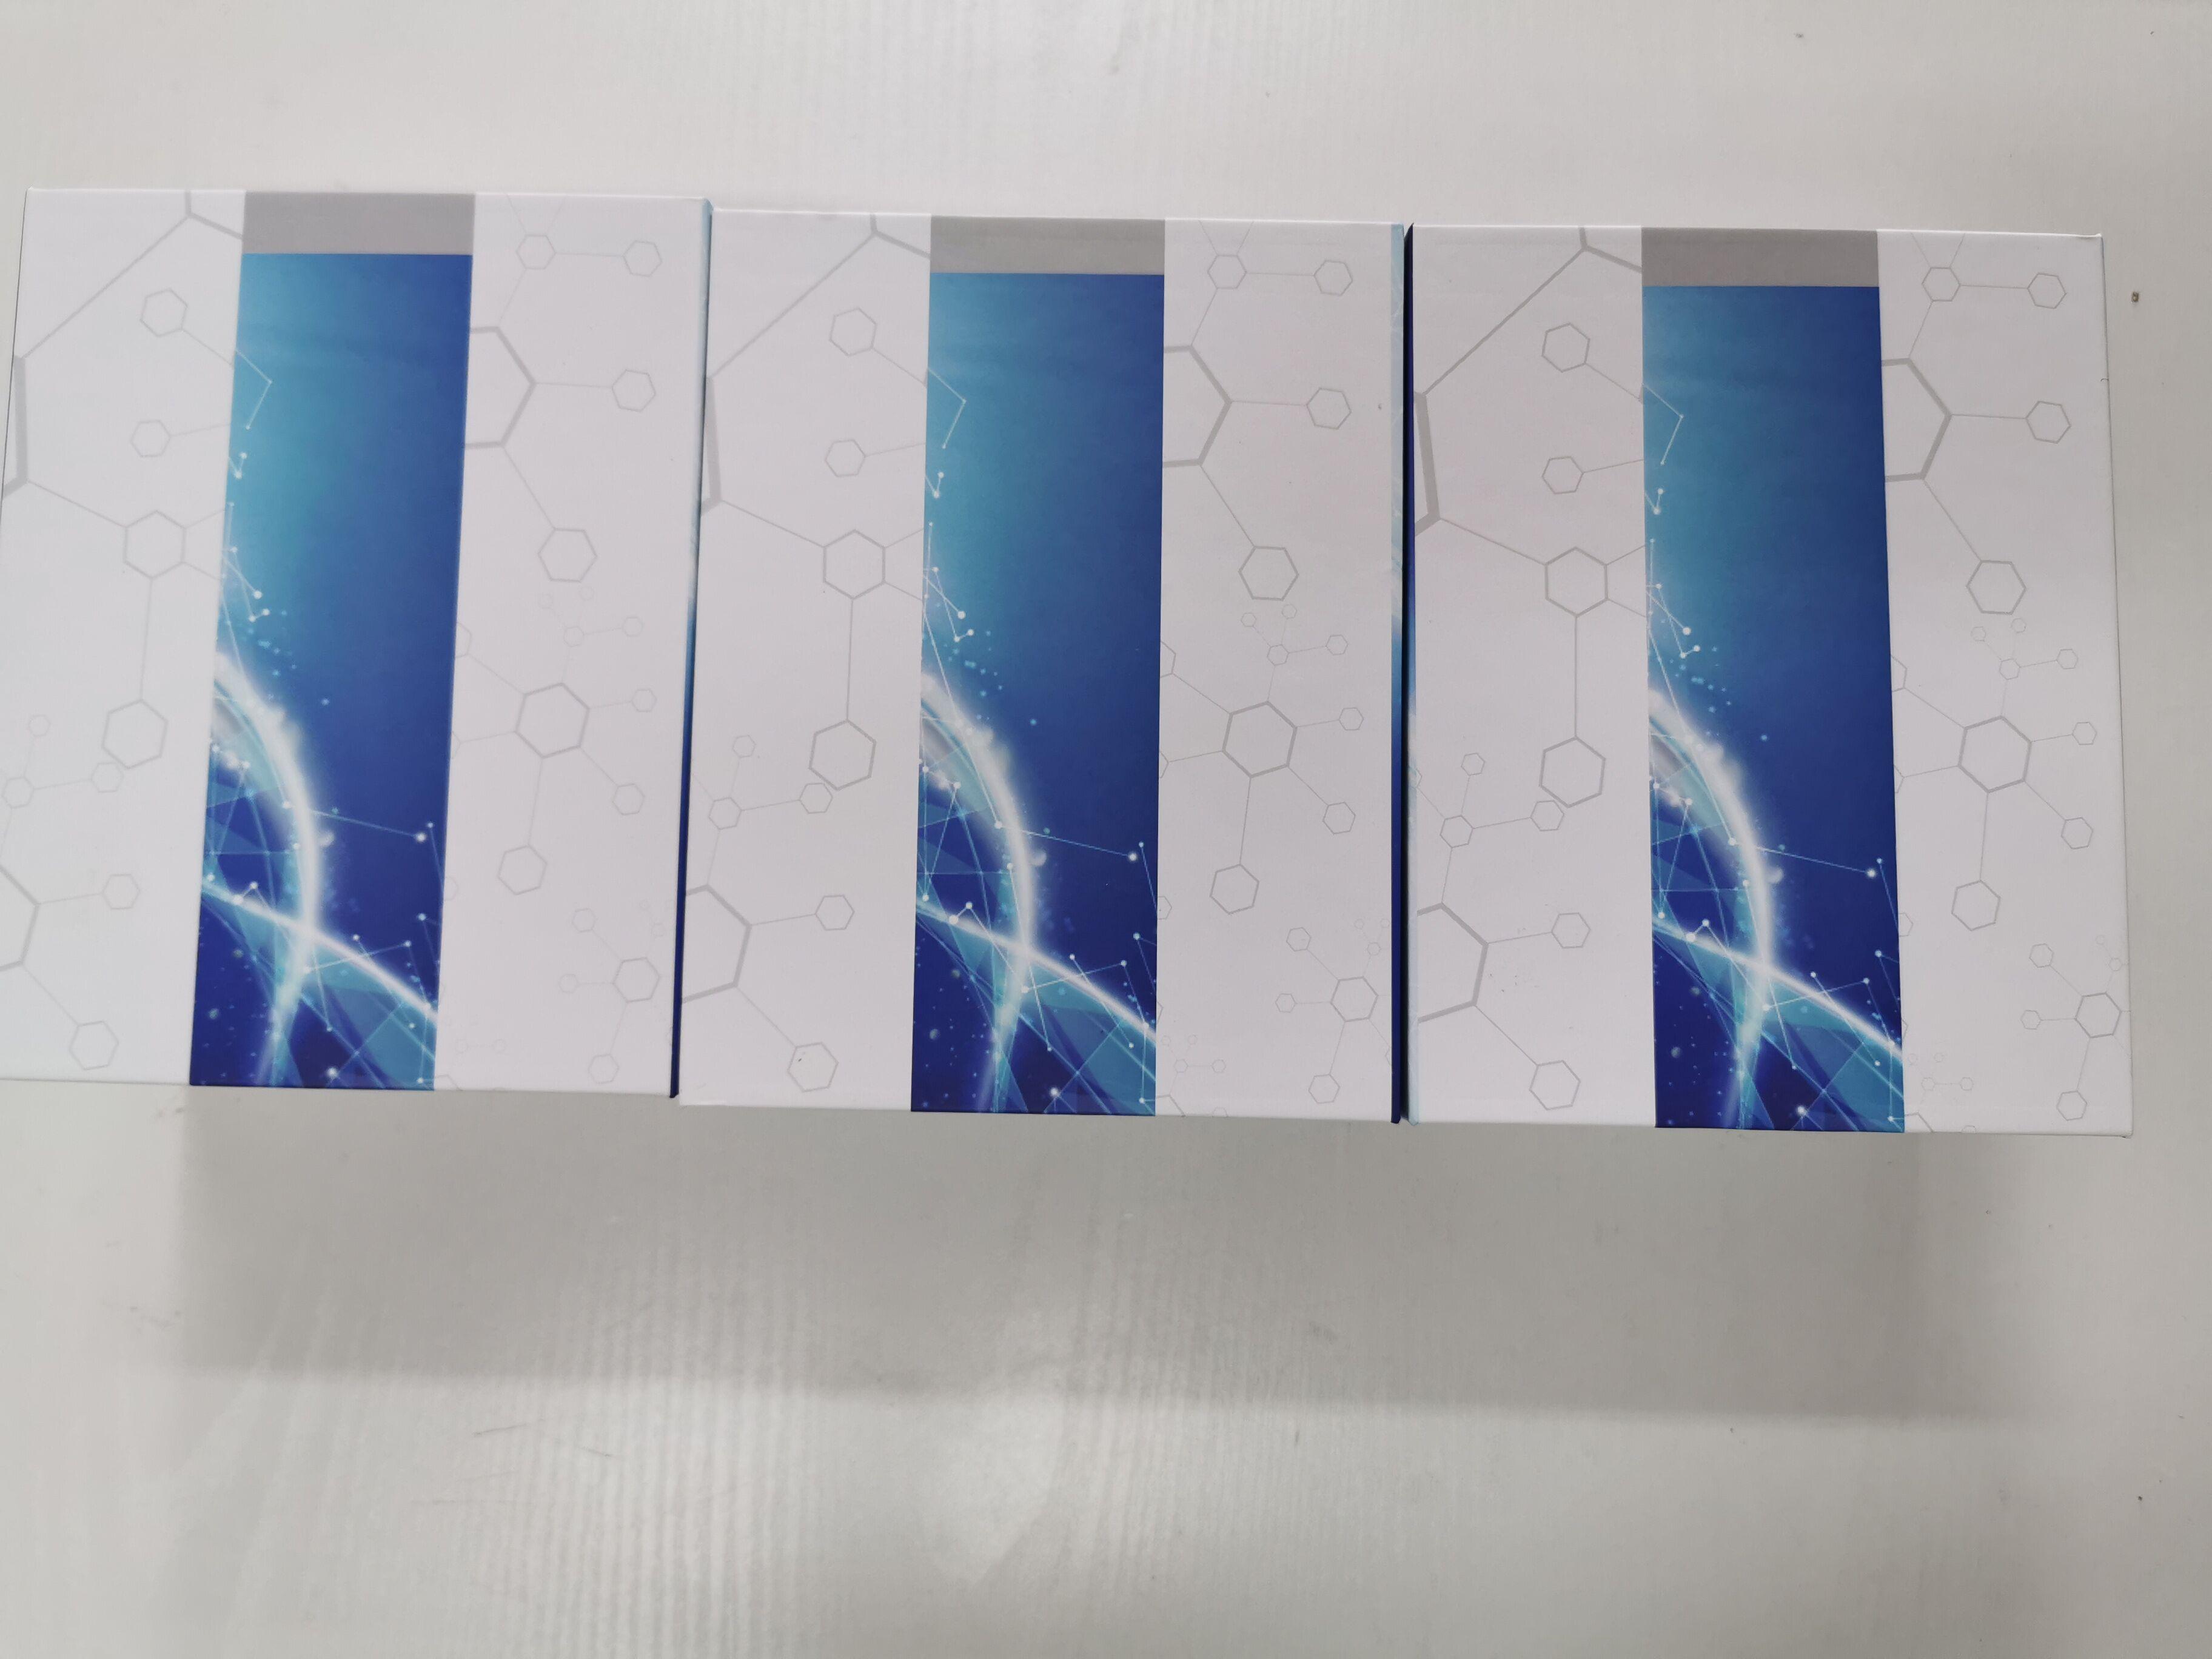 磁珠法组织基因组DNA提取试剂盒